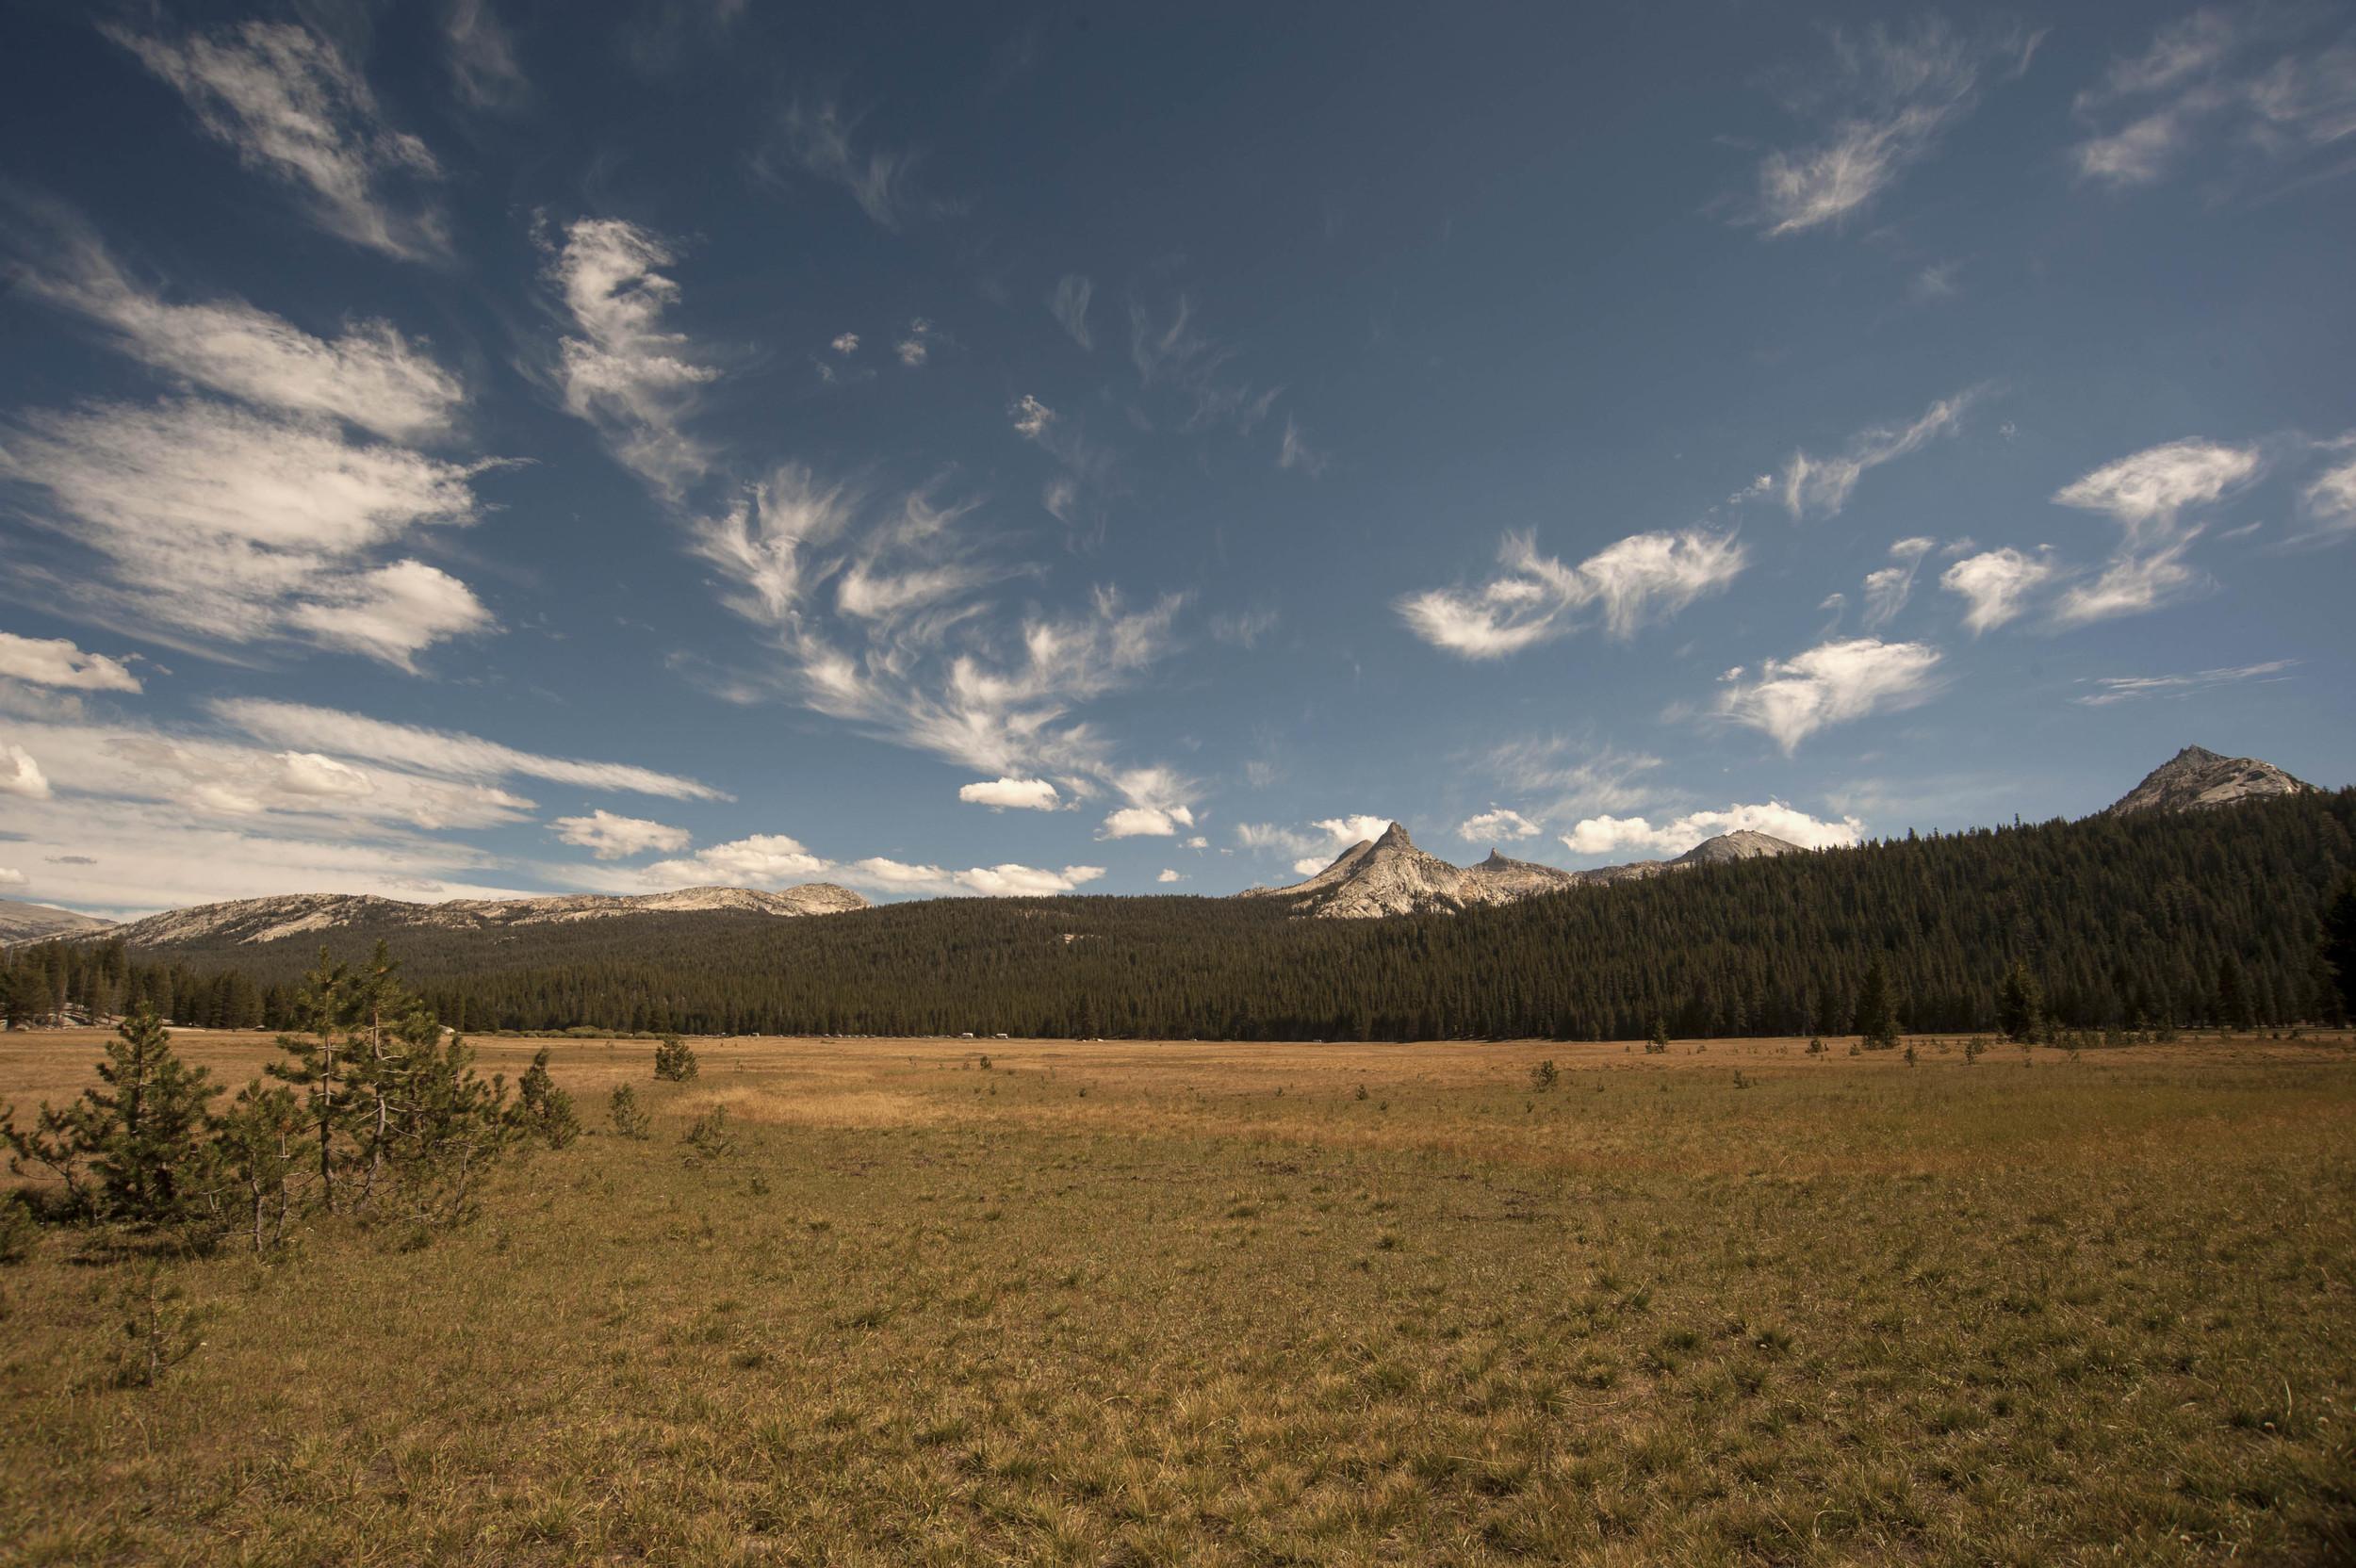 tuolumne clouds.jpg